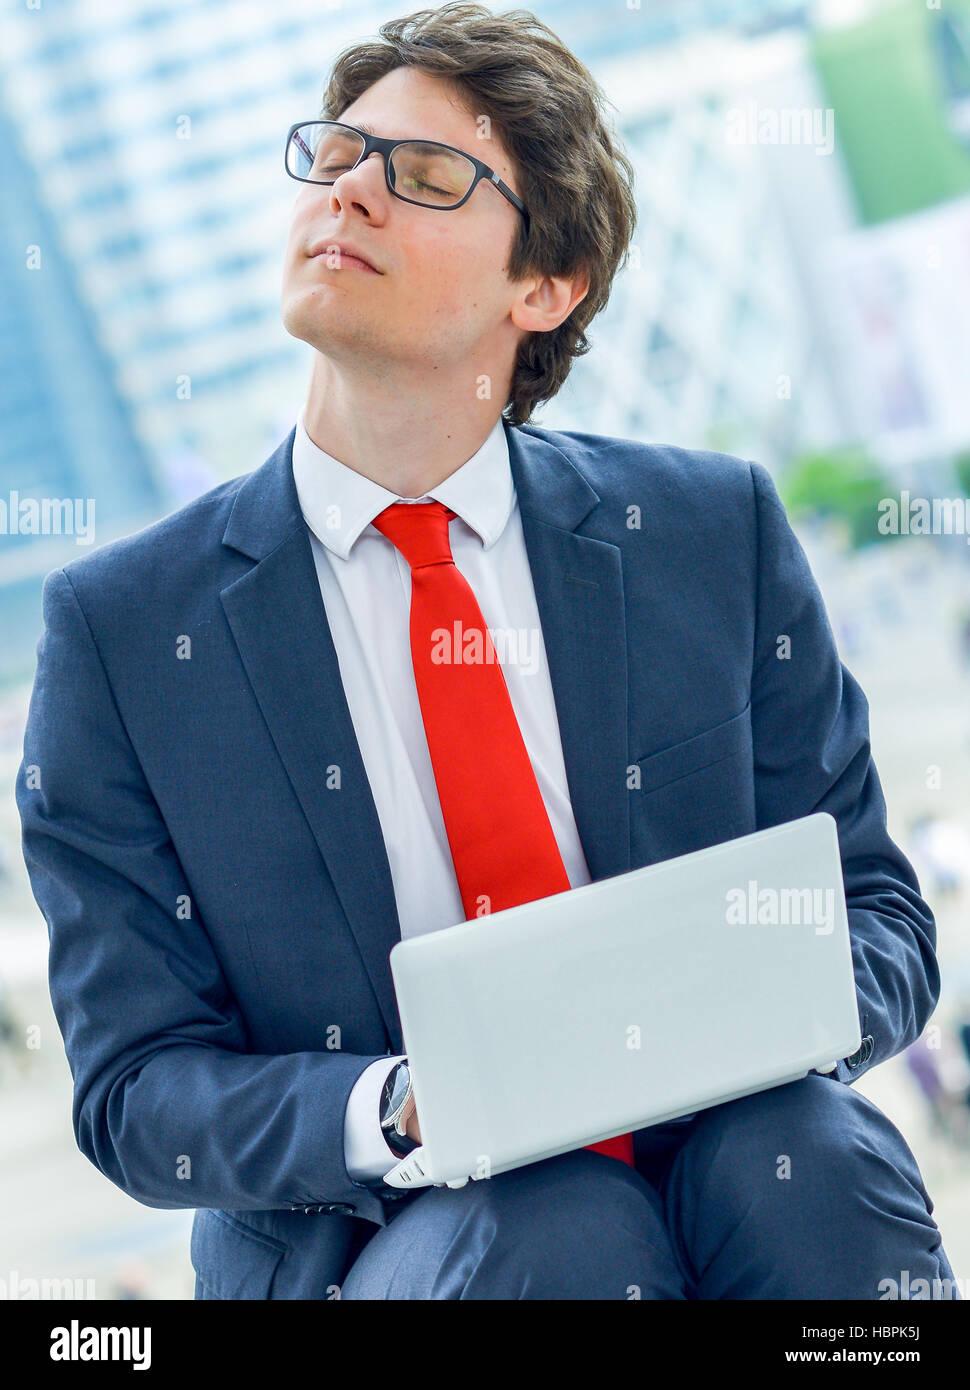 Vous pourrez vous détendre après une période de travail ou de tension Banque D'Images